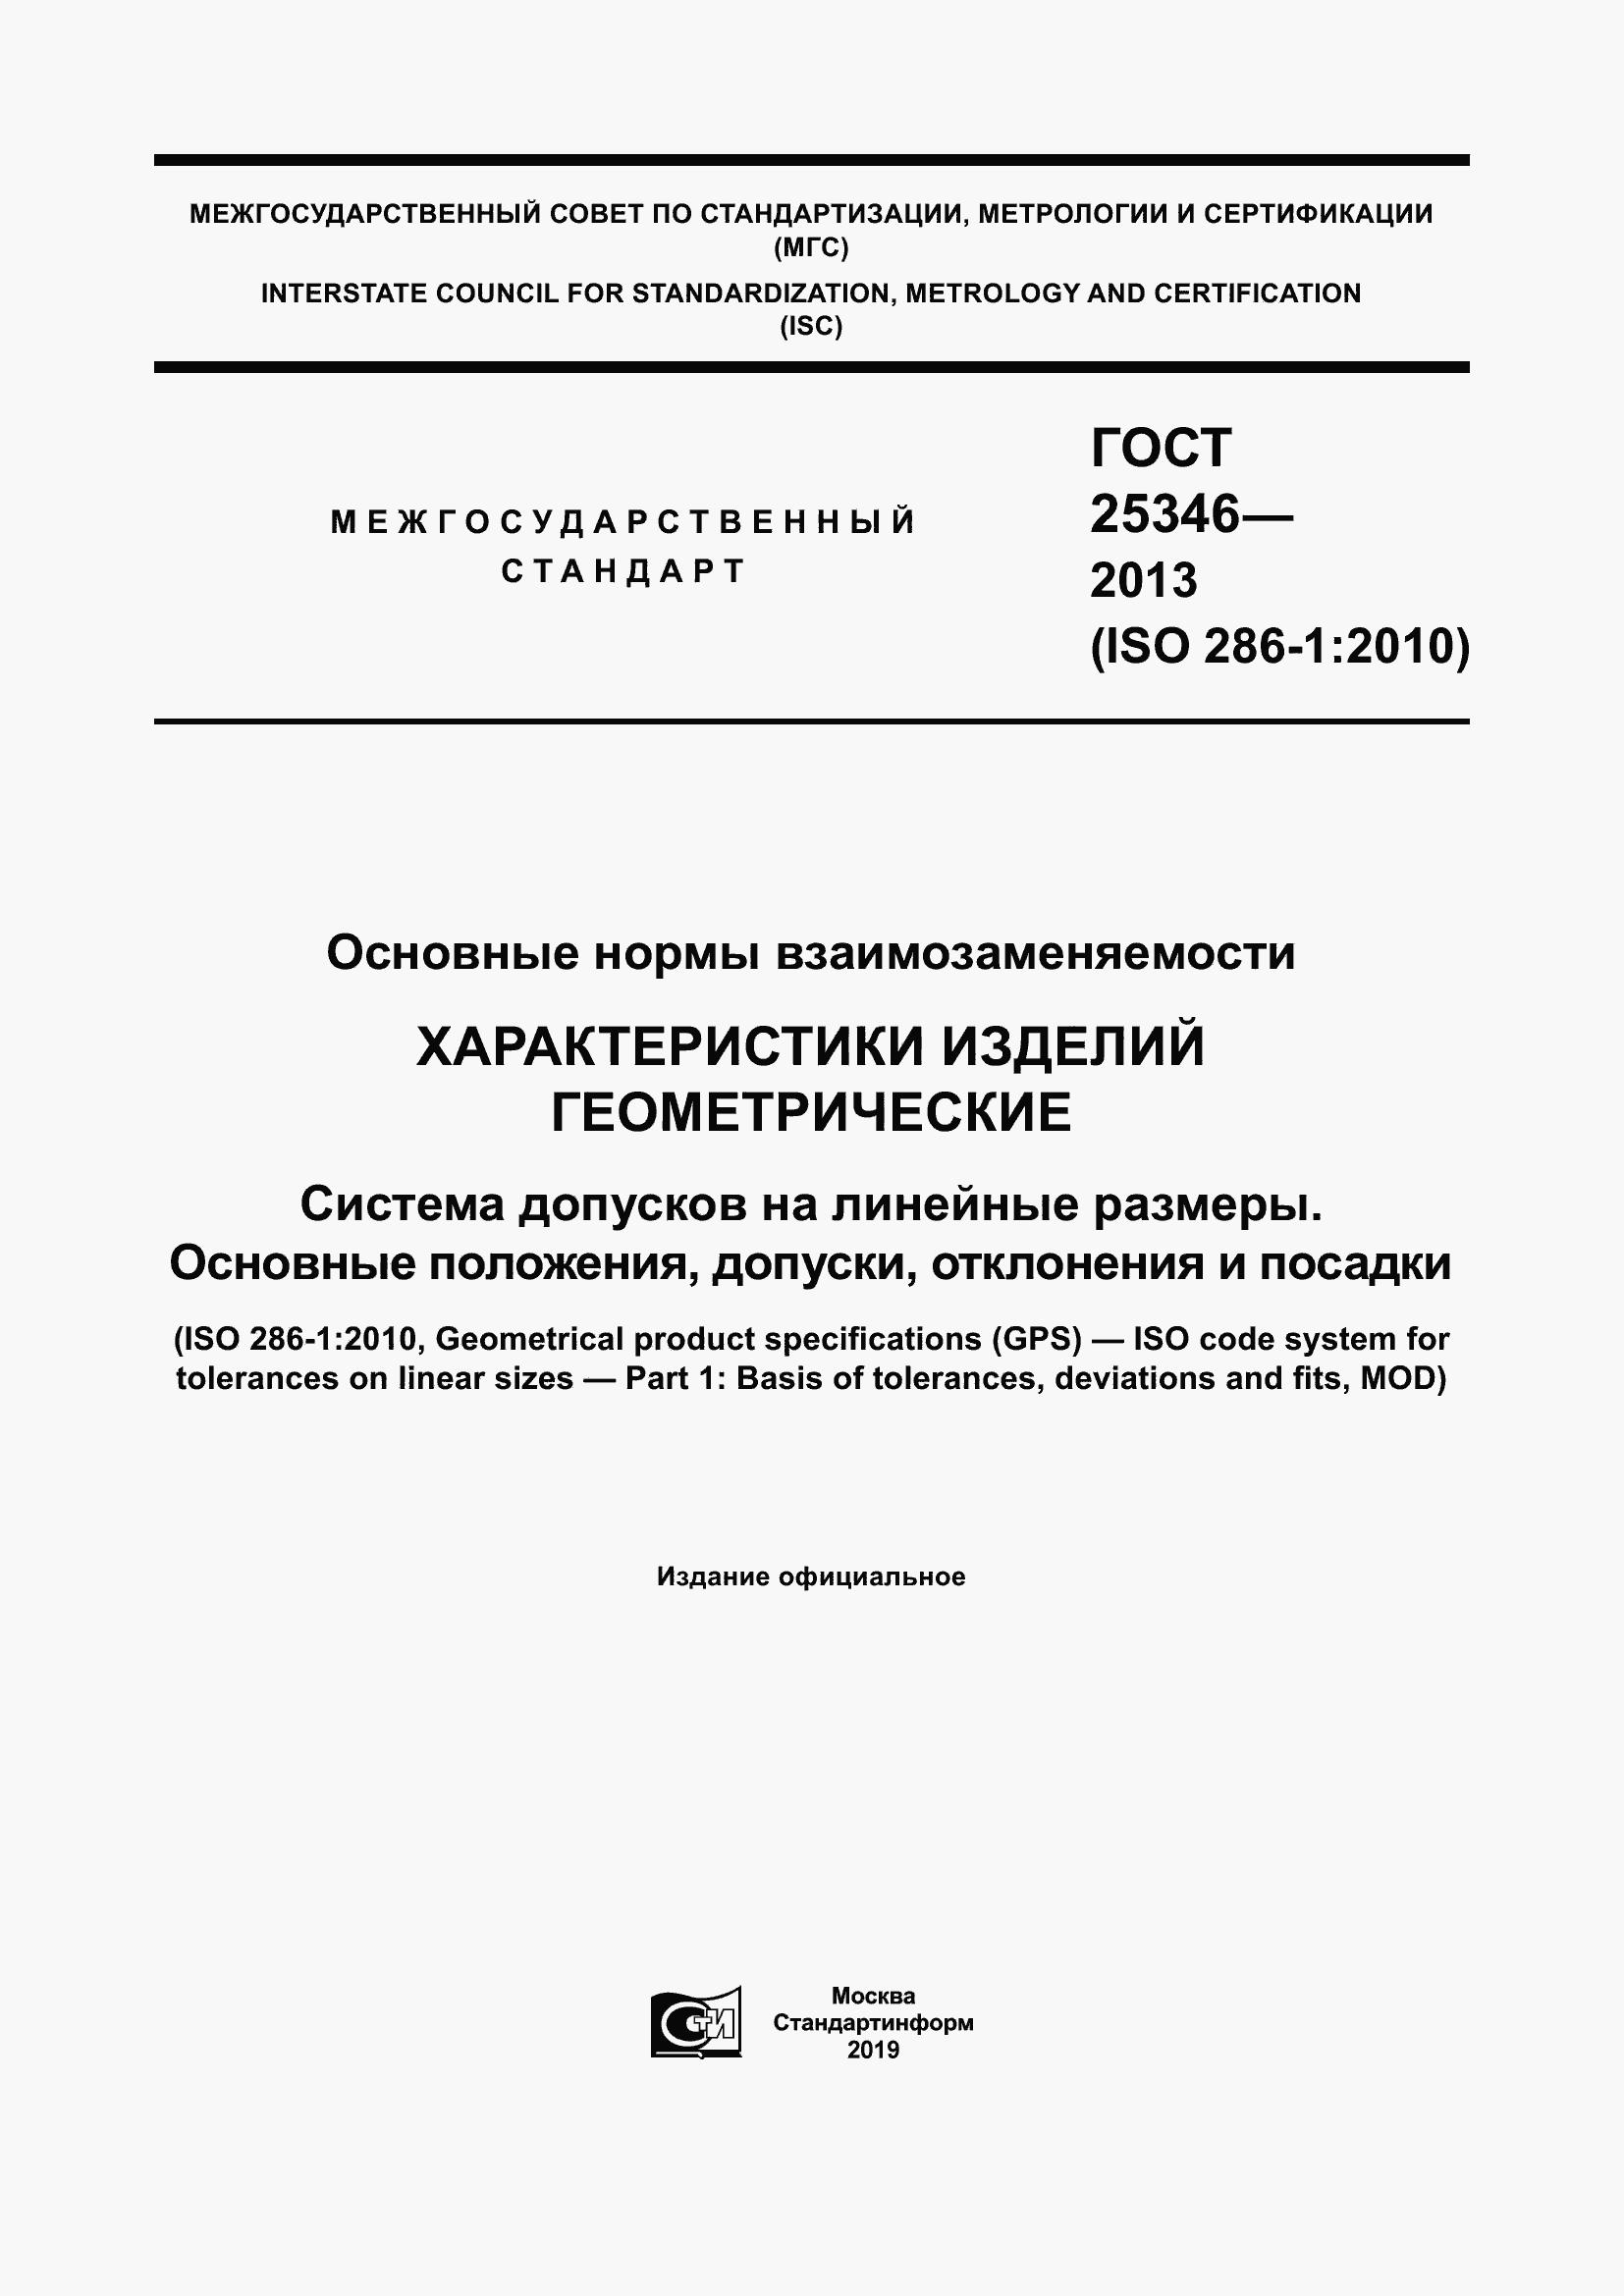 Гост 25346 2017 pdf скачать бесплатно